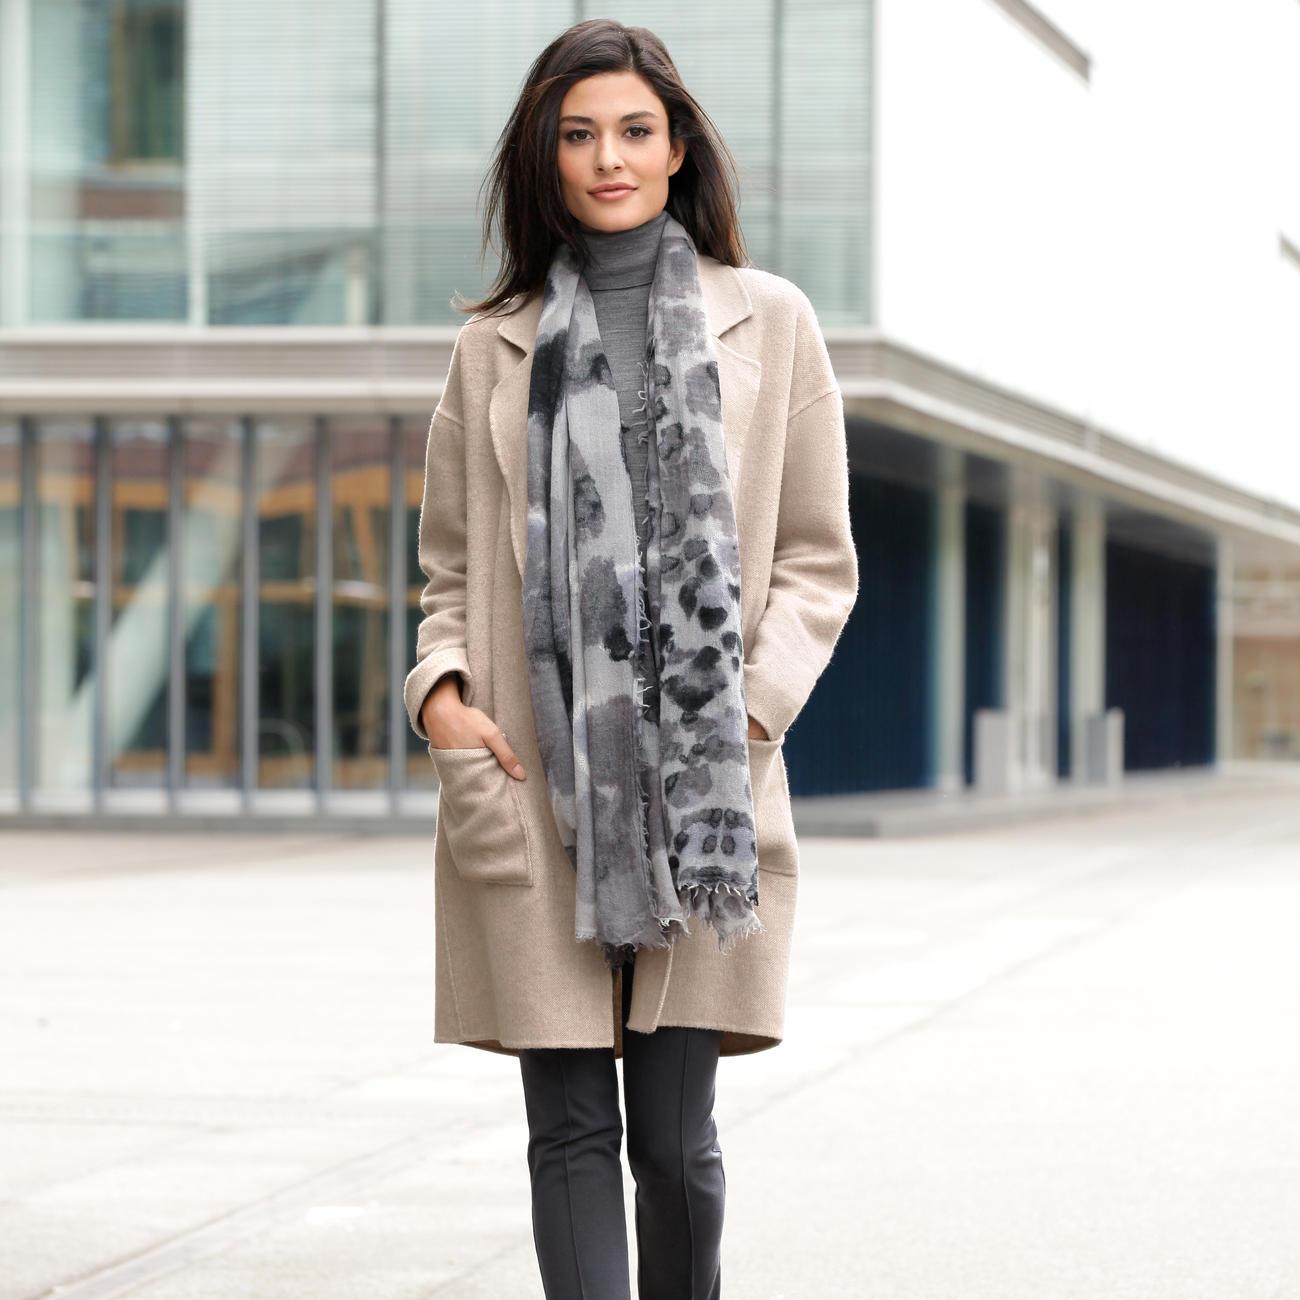 NVSCO Oversize Mantel Der Eine Mantel Für Alle Outfits Und Jede  Gelegenheit. Unschlagbar Vielseitig